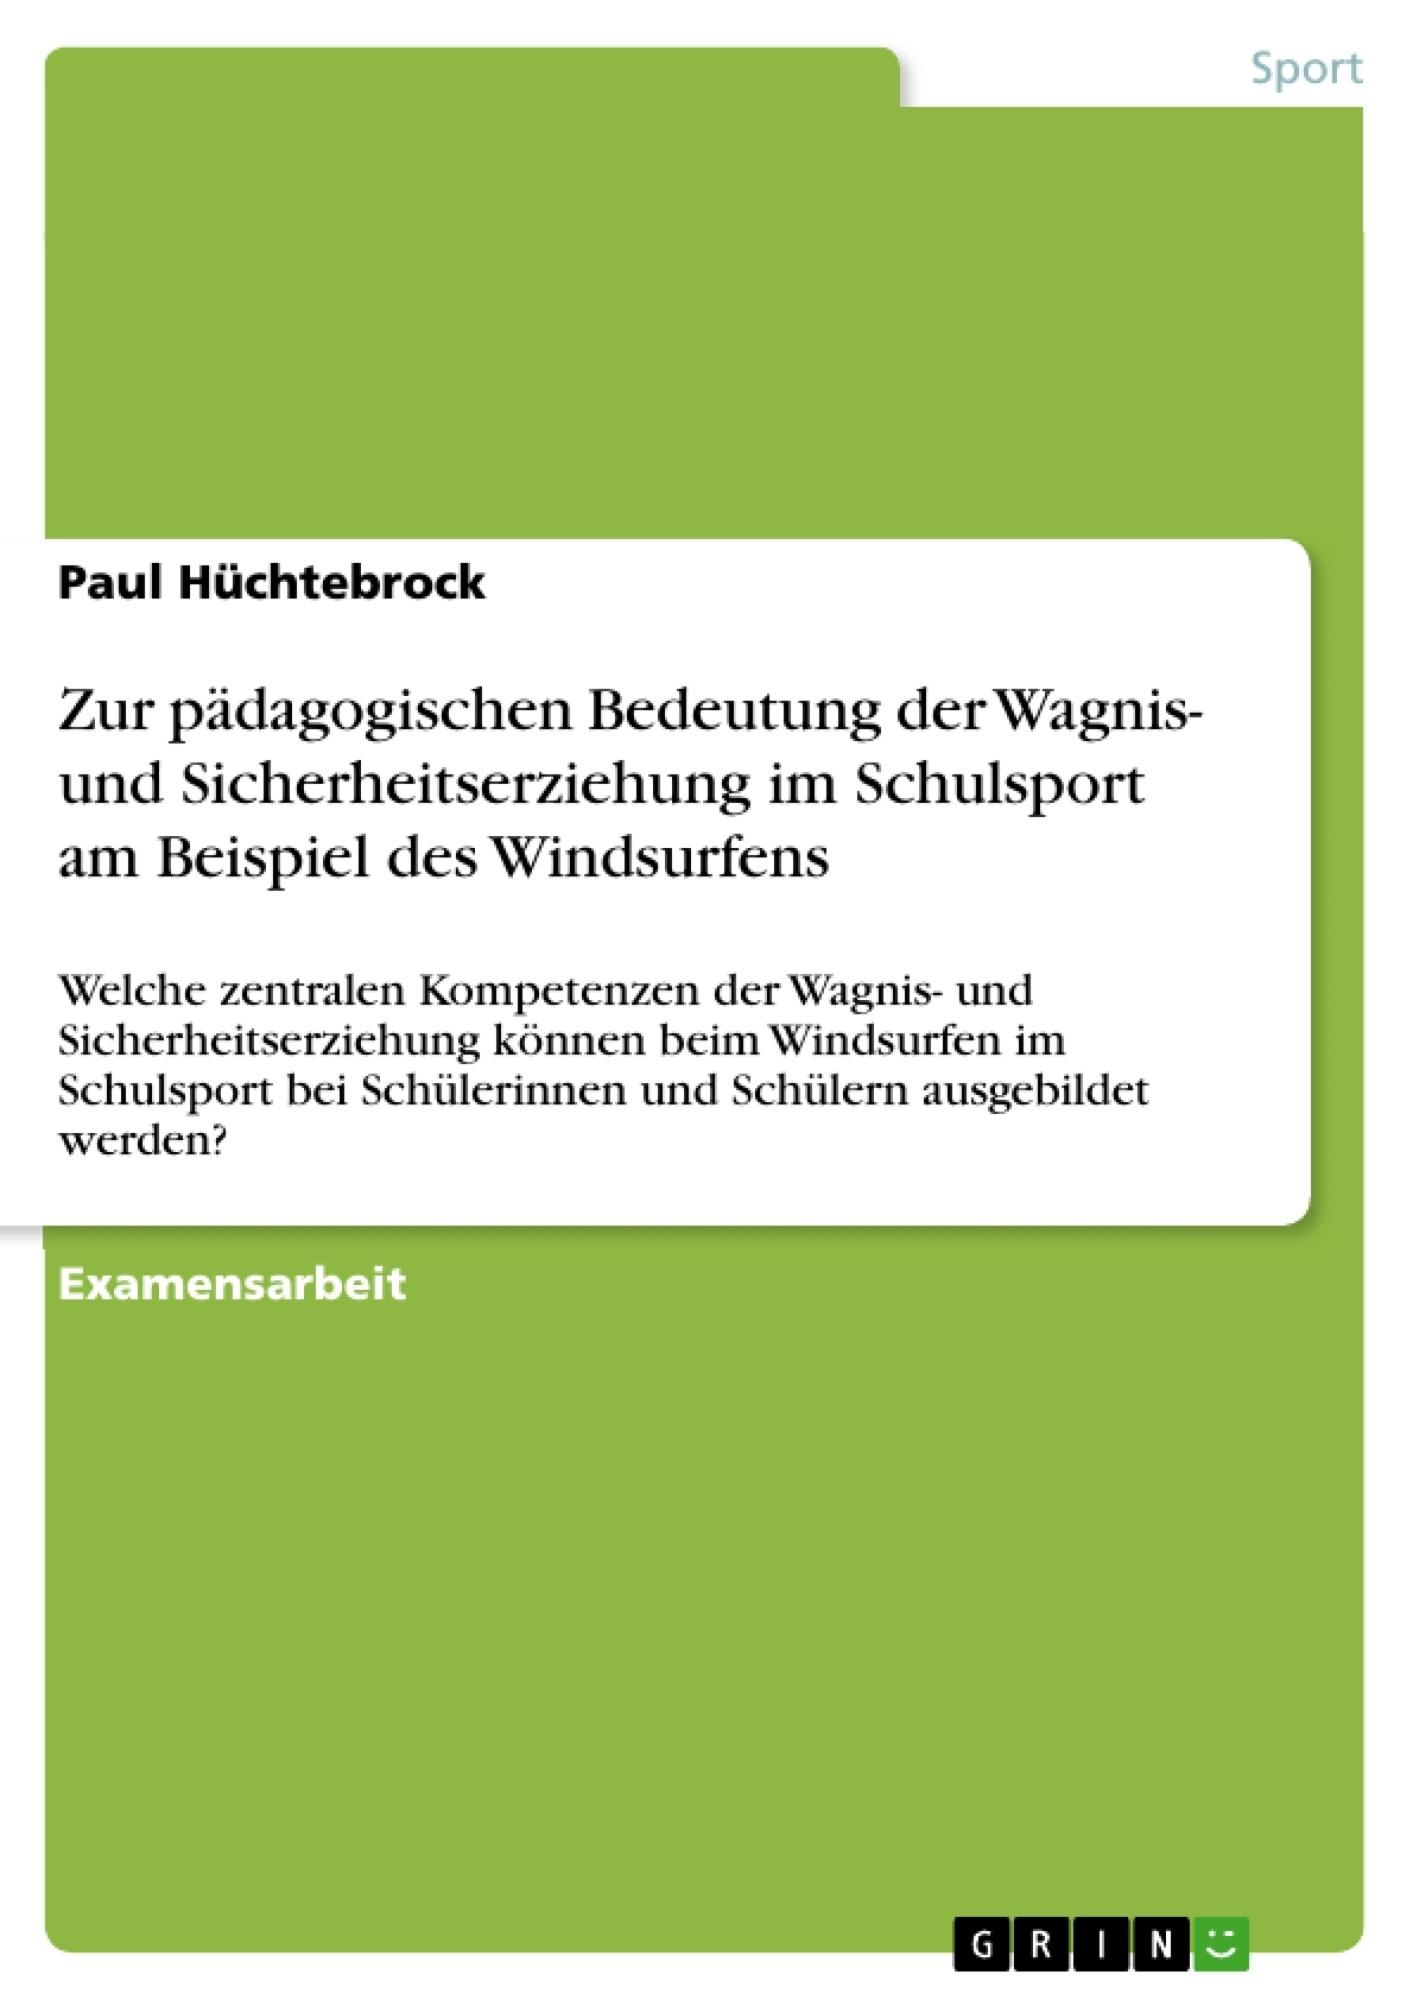 Titel: Zur pädagogischen Bedeutung der Wagnis- und Sicherheitserziehung im Schulsport am Beispiel des Windsurfens